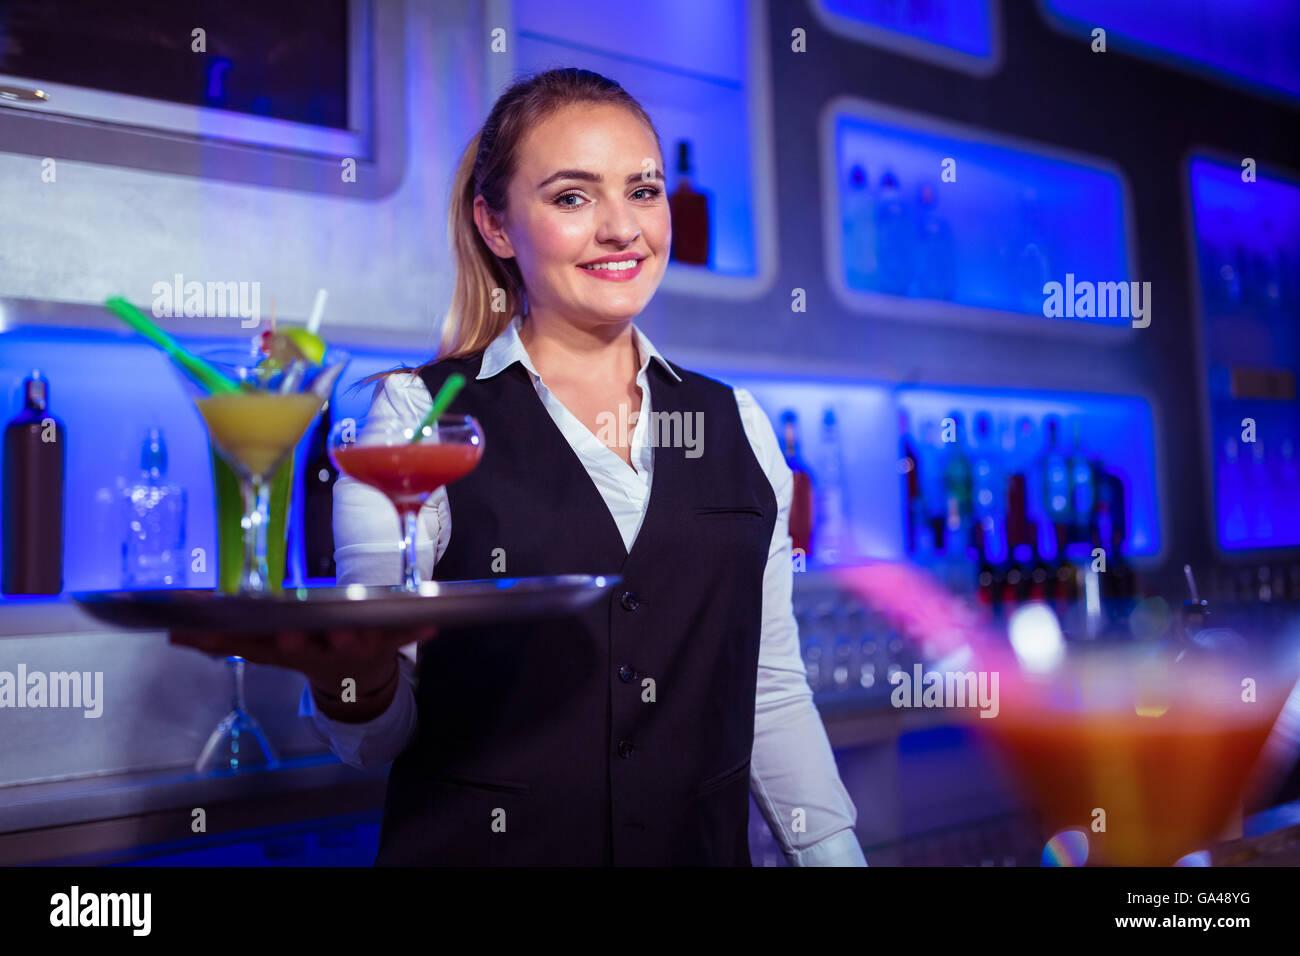 Erfreut Barkeeper Setzen Proben Fort Zeitgenössisch - Entry Level ...